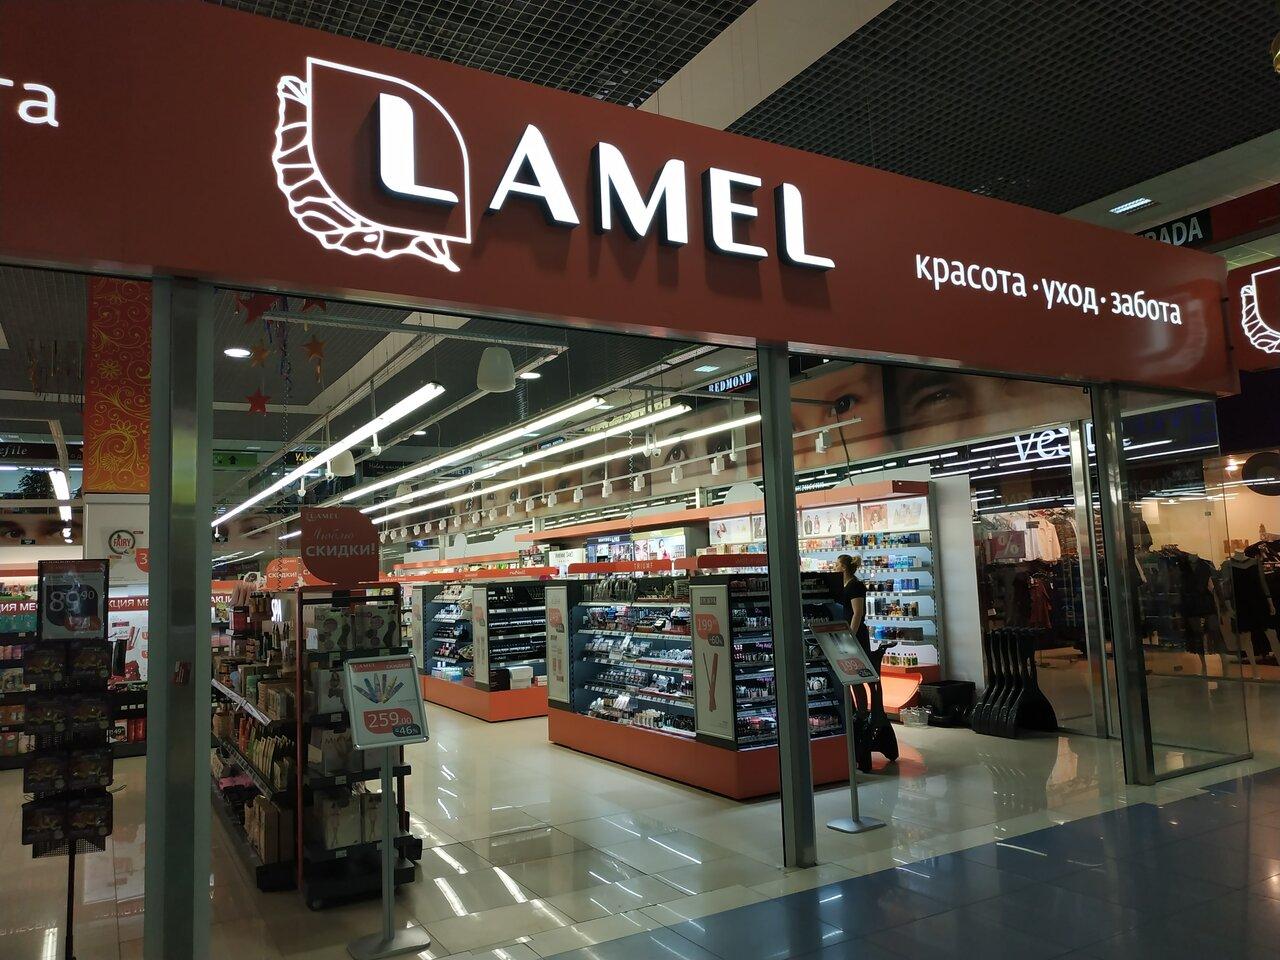 Ламель Екатеринбург Интернет Магазин Косметики Каталог Товаров